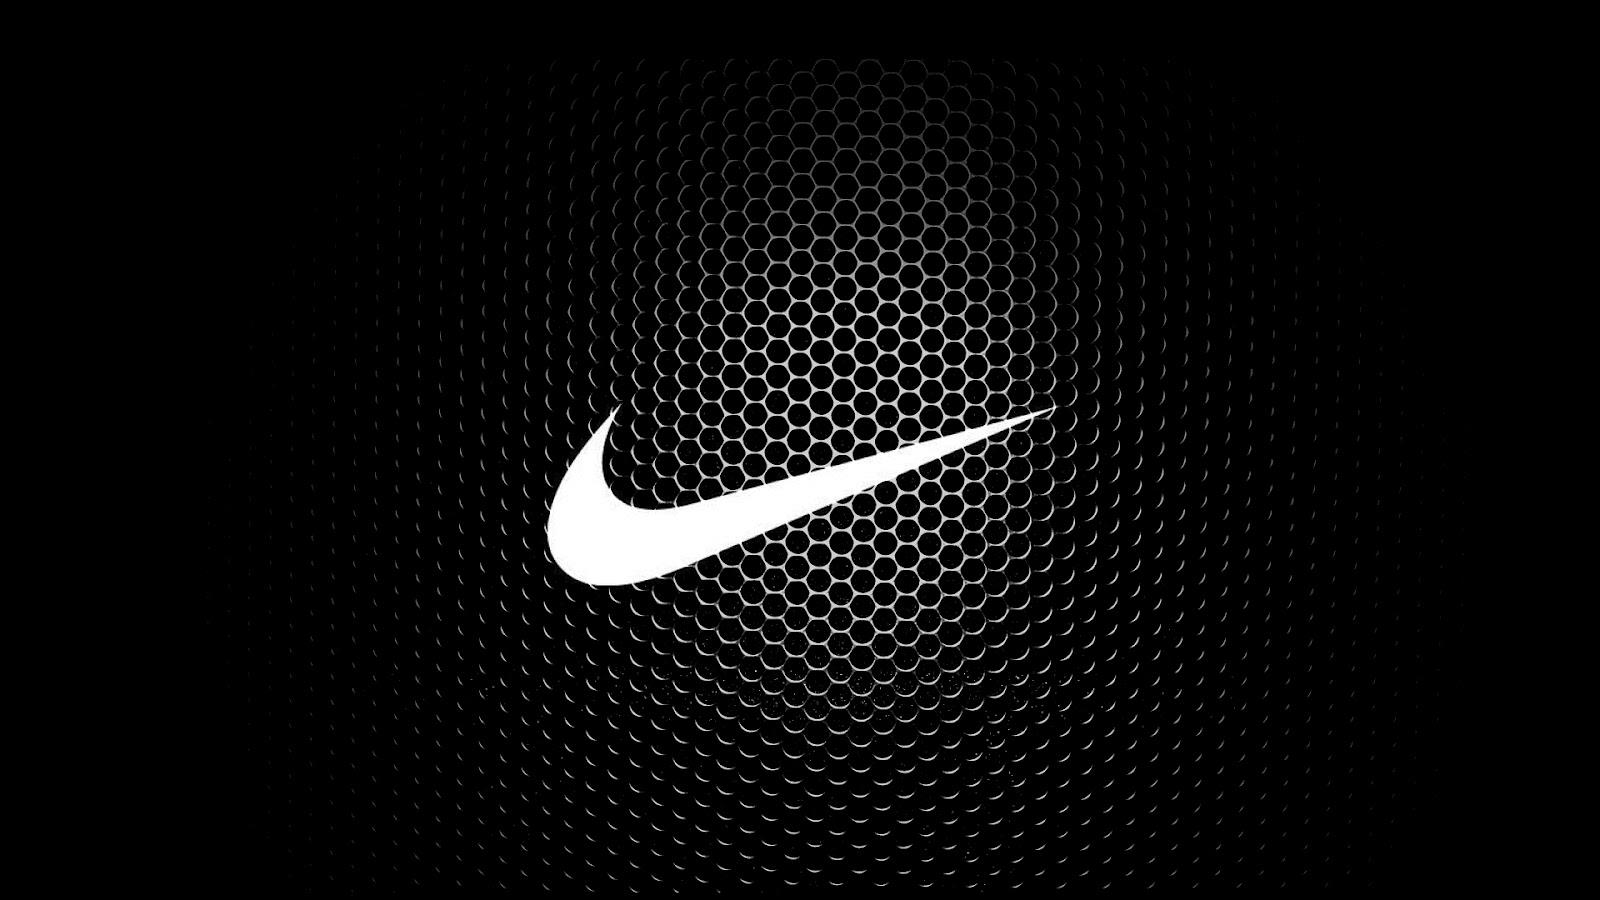 Logo nike wallpaper wallpapersafari -  New Nike Wallpaper Wallpapersafari